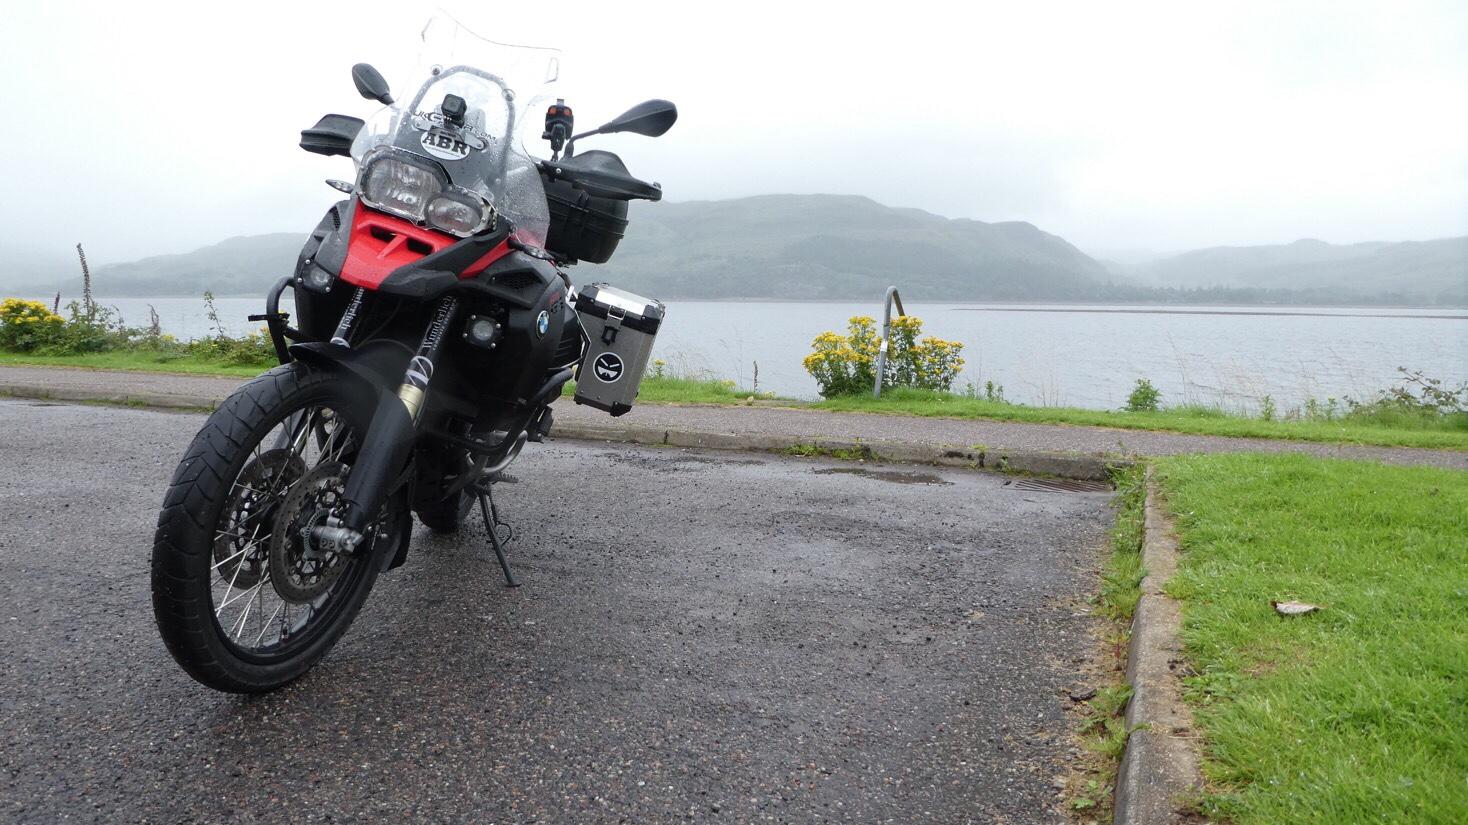 Lochcarron, Scotland's North Coast 500 Route